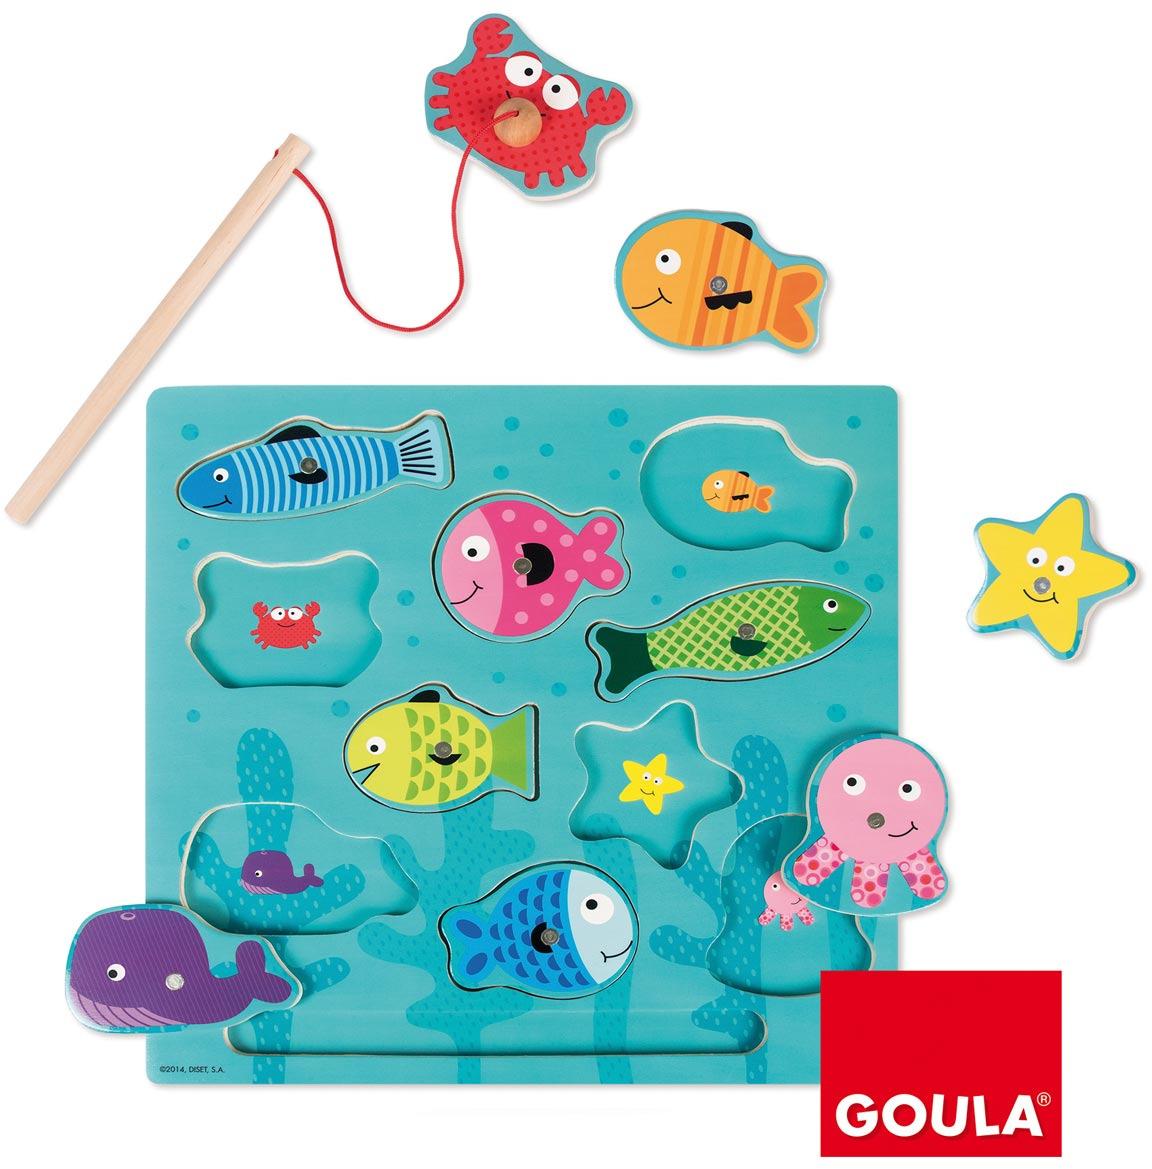 Goula Магнитная игра Рыбки 53131 goula магнитная игра рыбки 53131